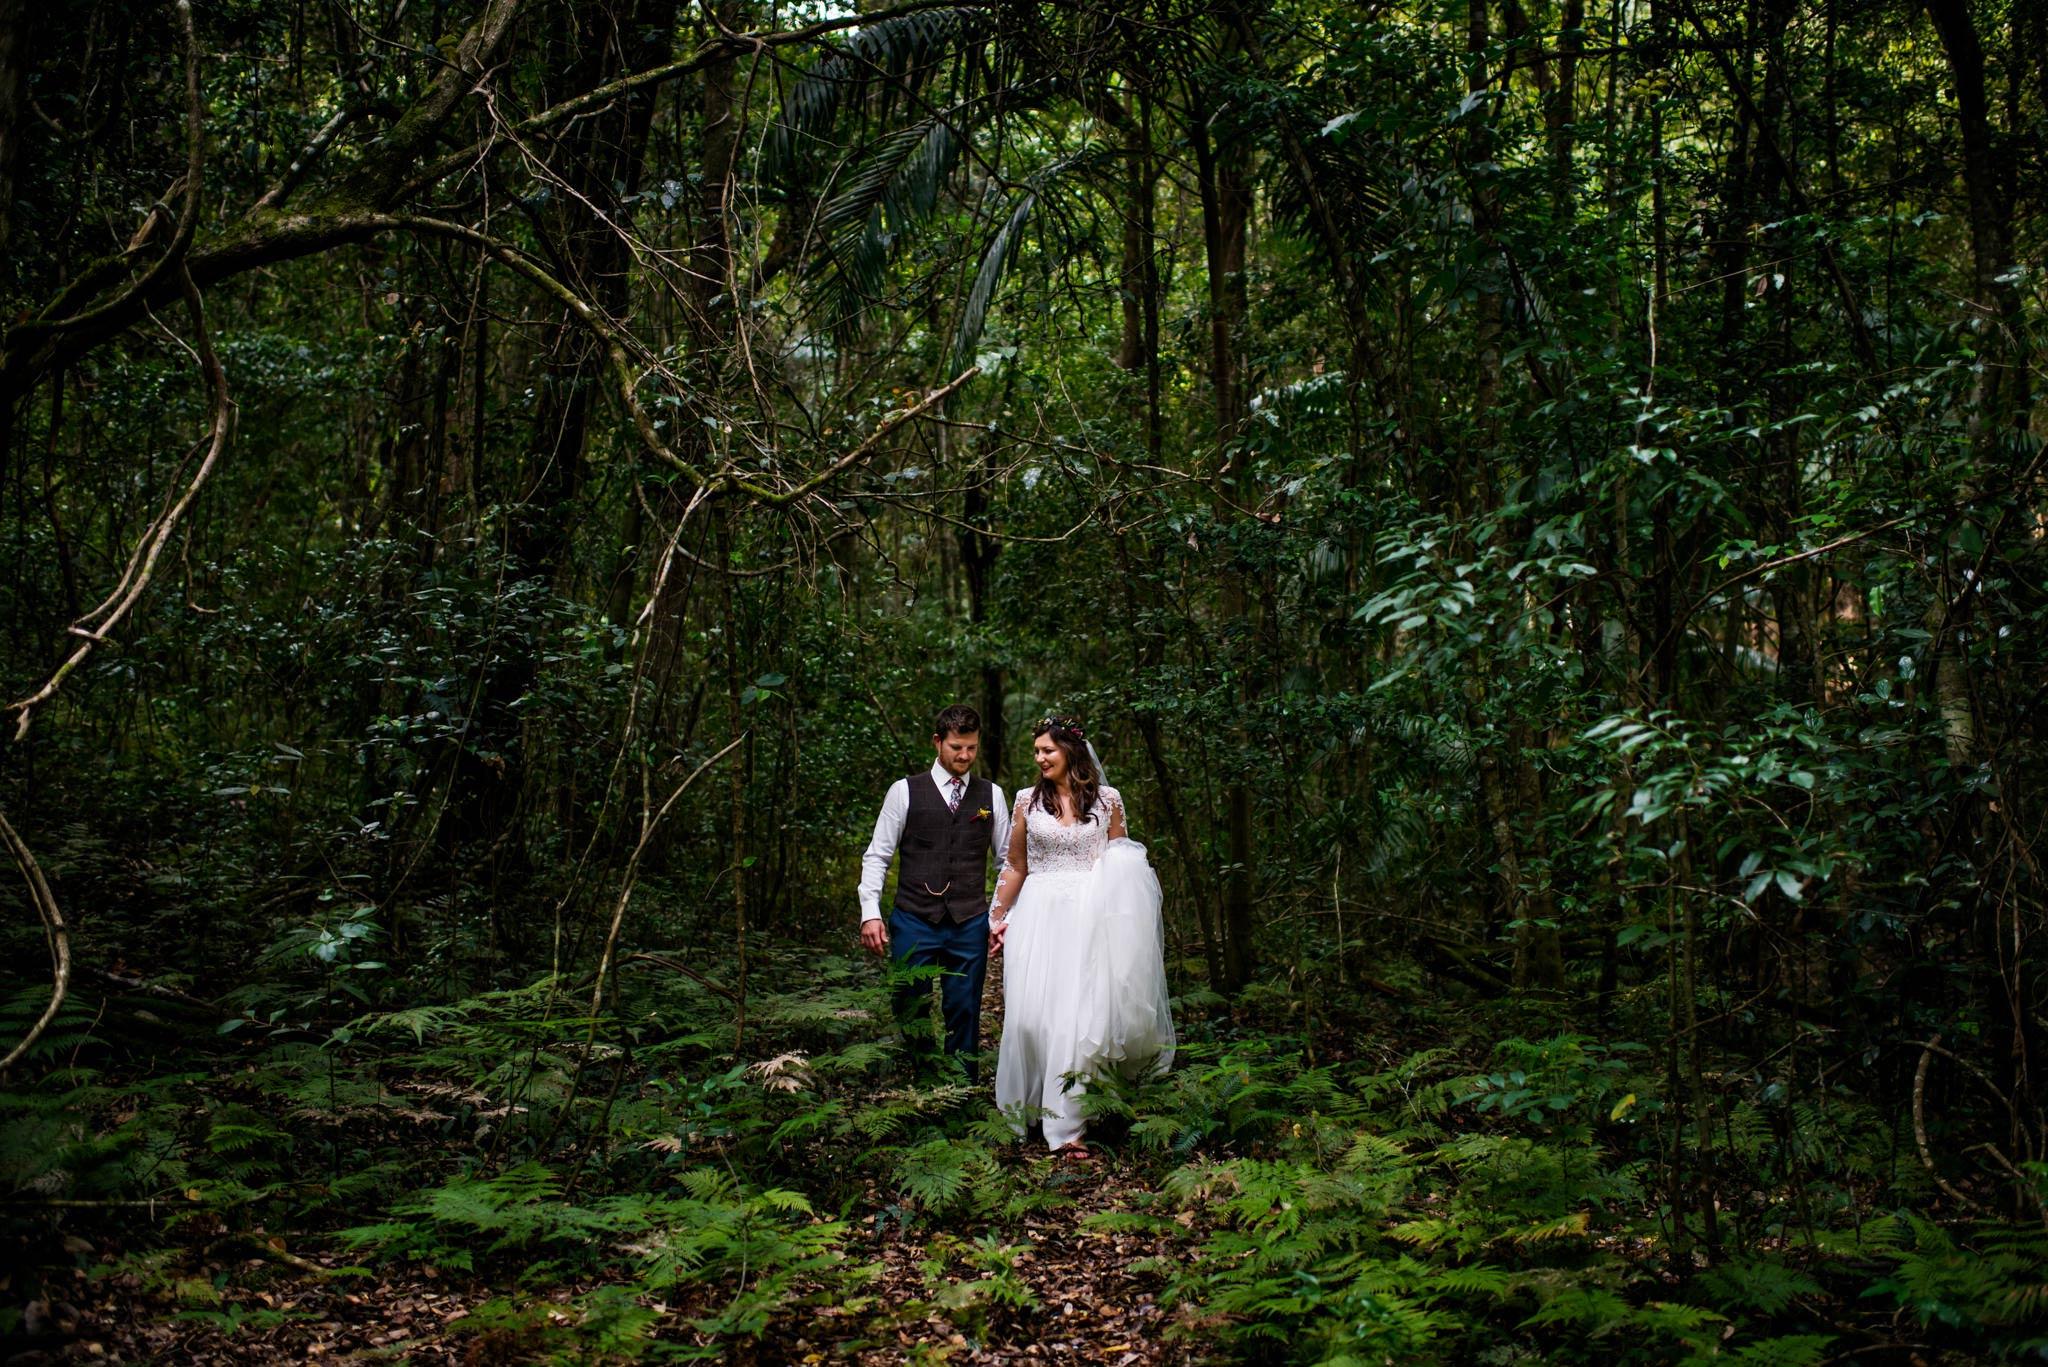 Newlyweds walk through a rainforest